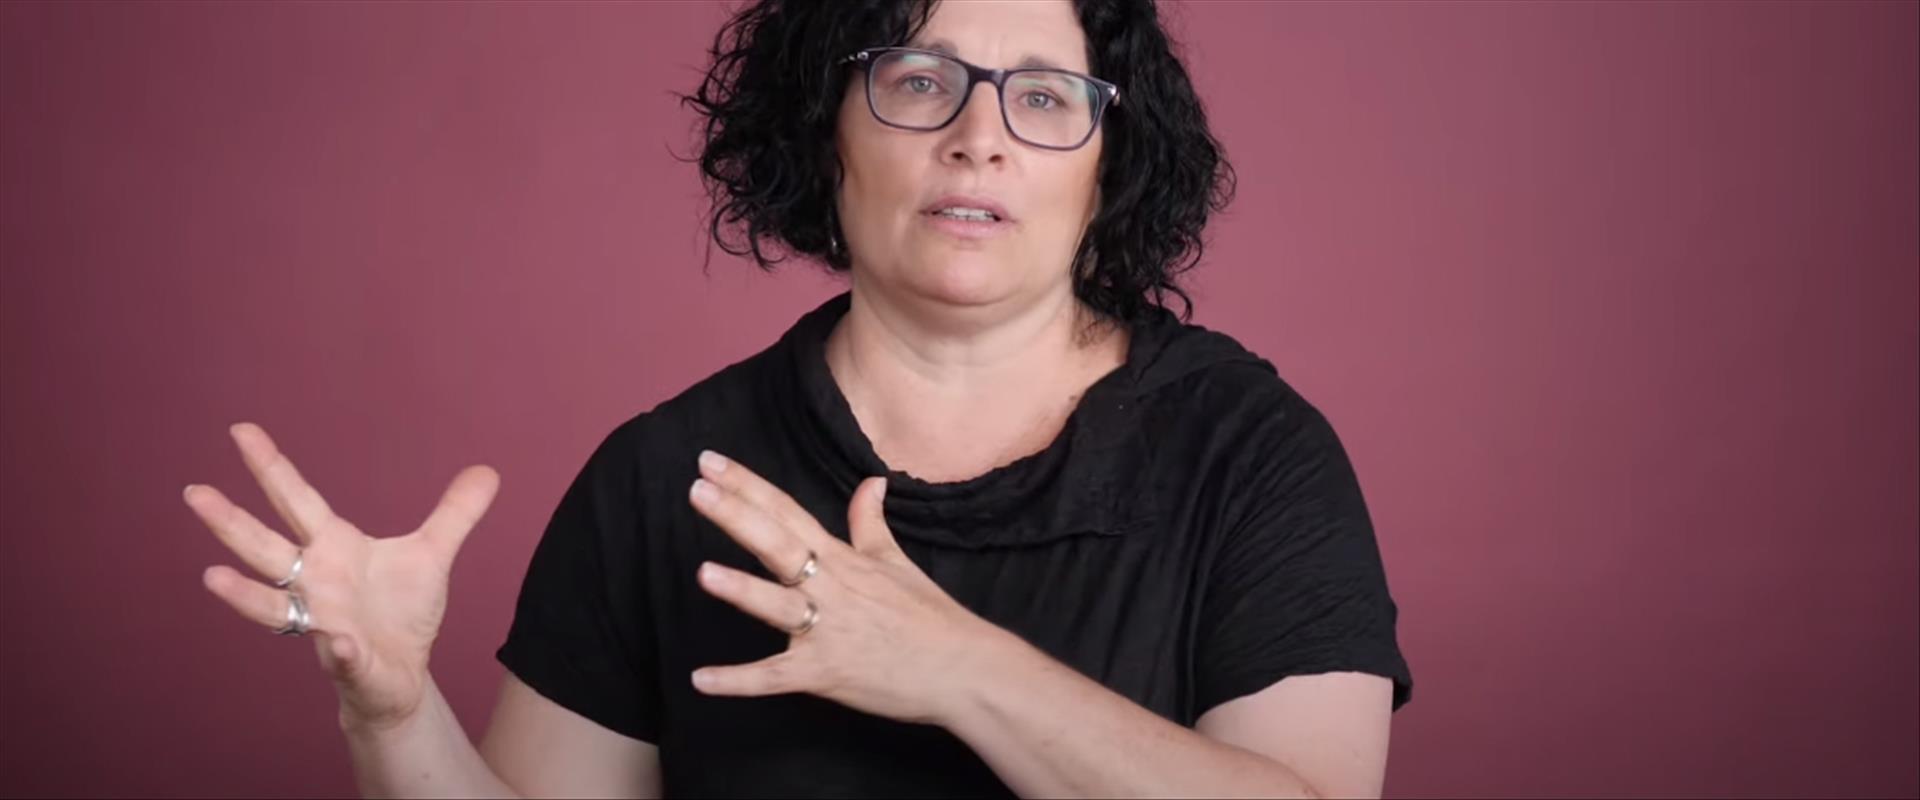 """שרון לוין, מנהלת תחום הדרכה לקבוצות בעמותת """"פעמוני"""